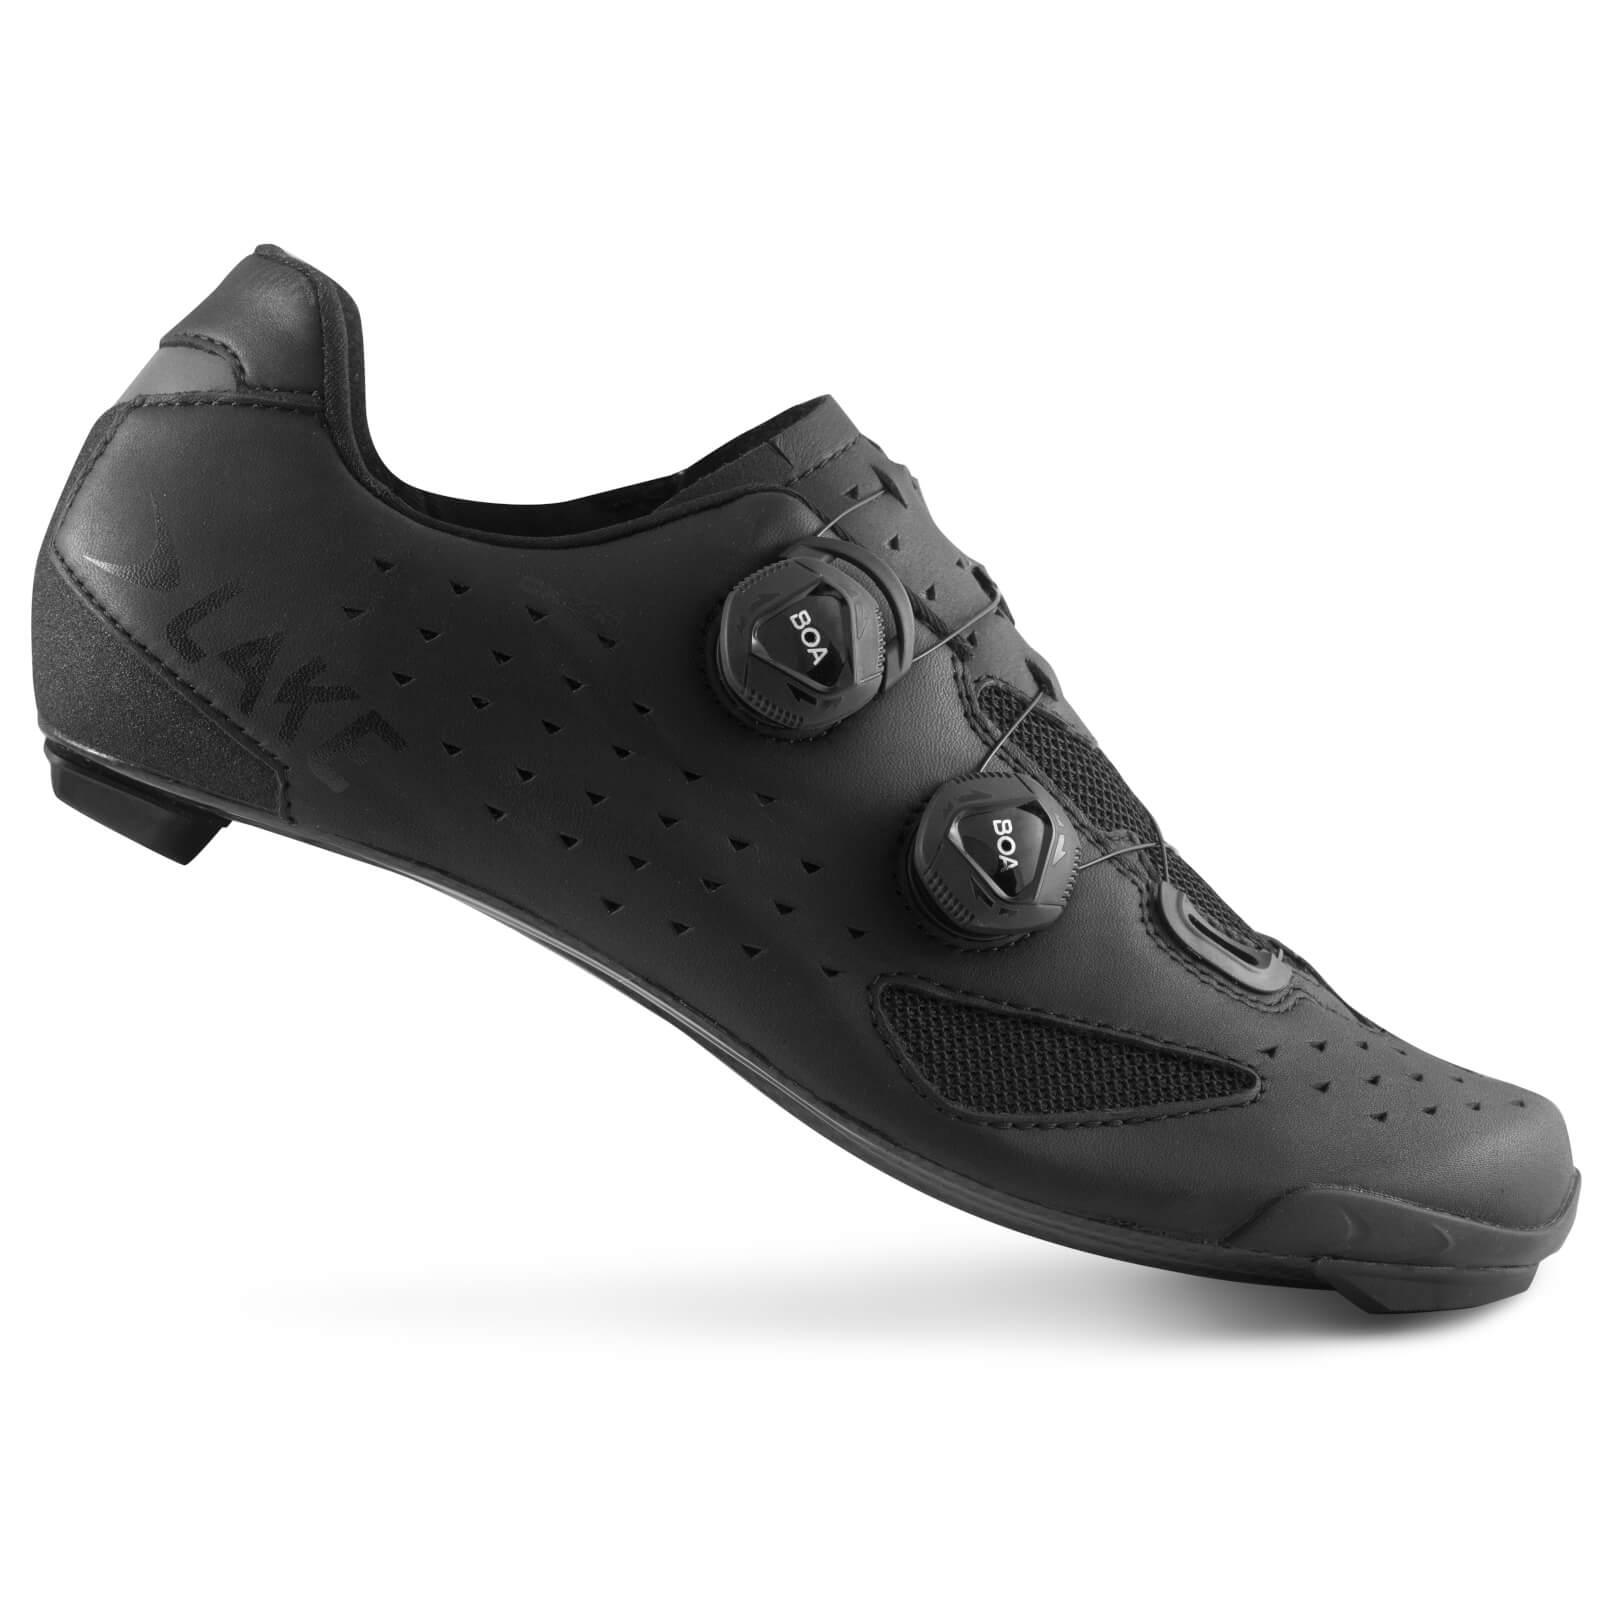 Lake CX238 Road Shoes - EU 39